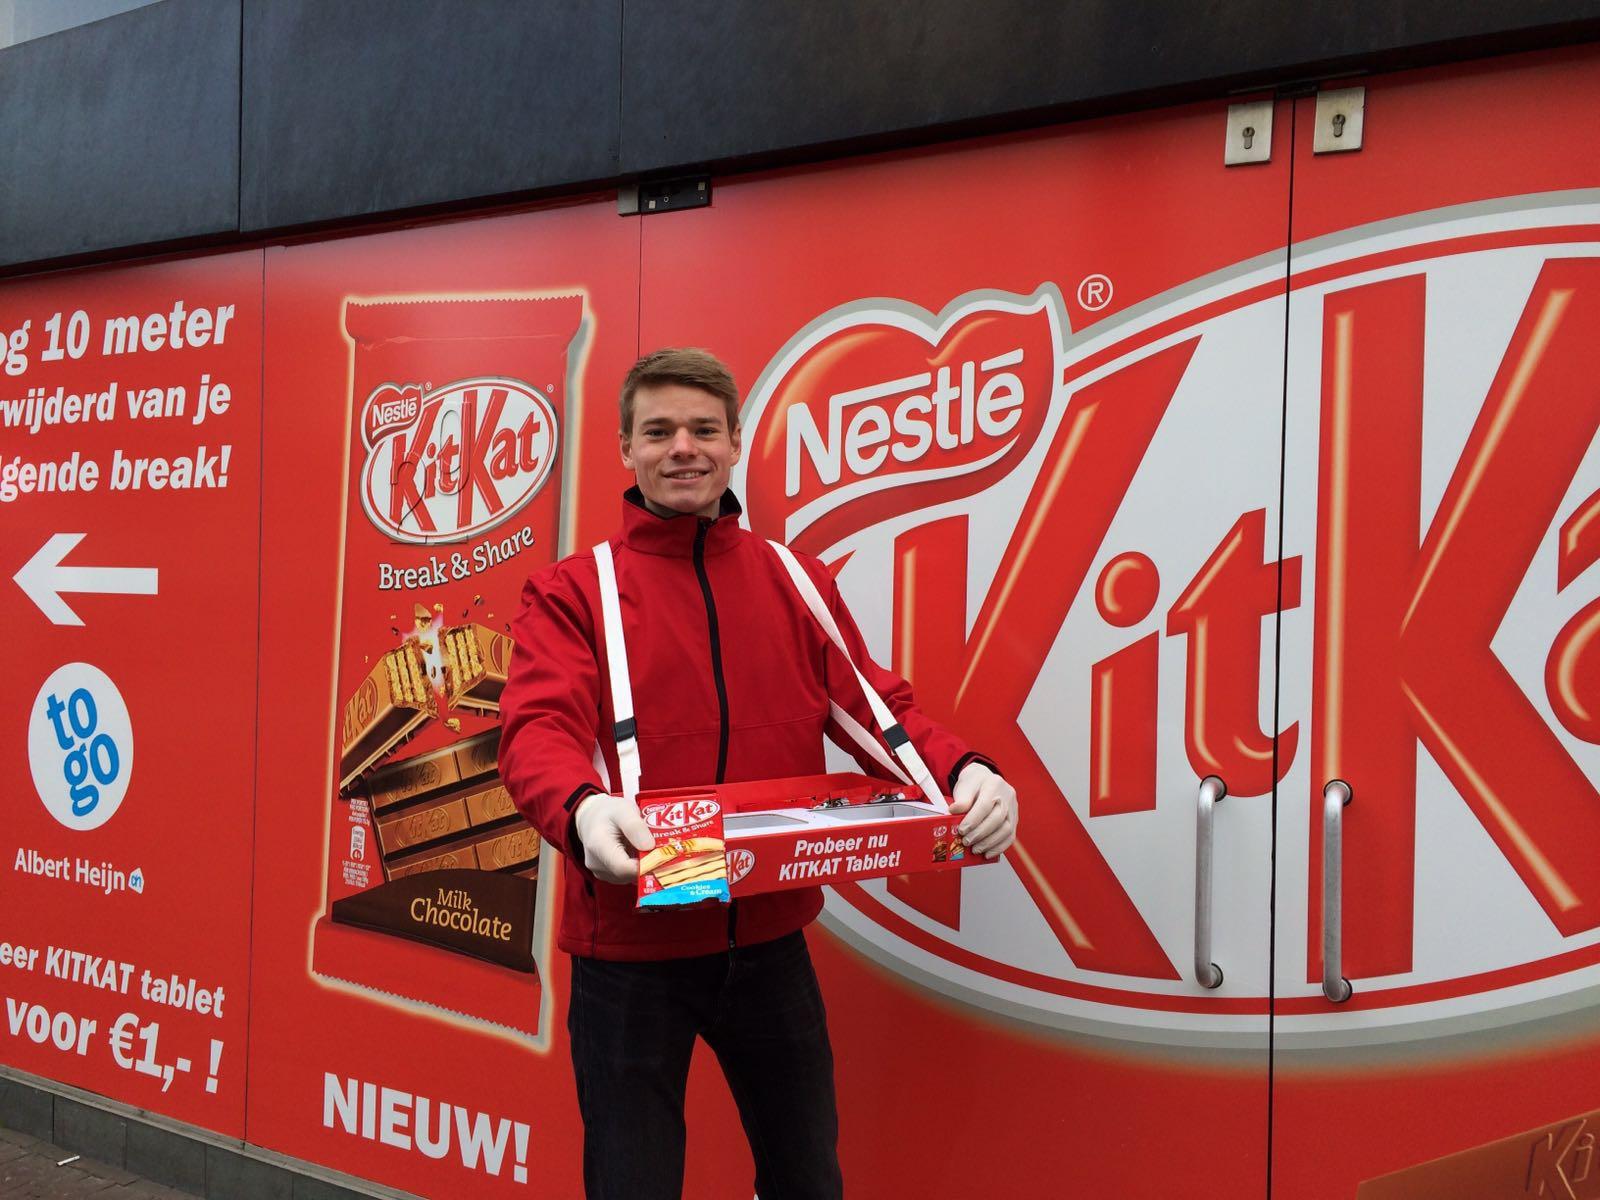 Krachten combineren: Kitkat sampling i.c.m. buitenreclame